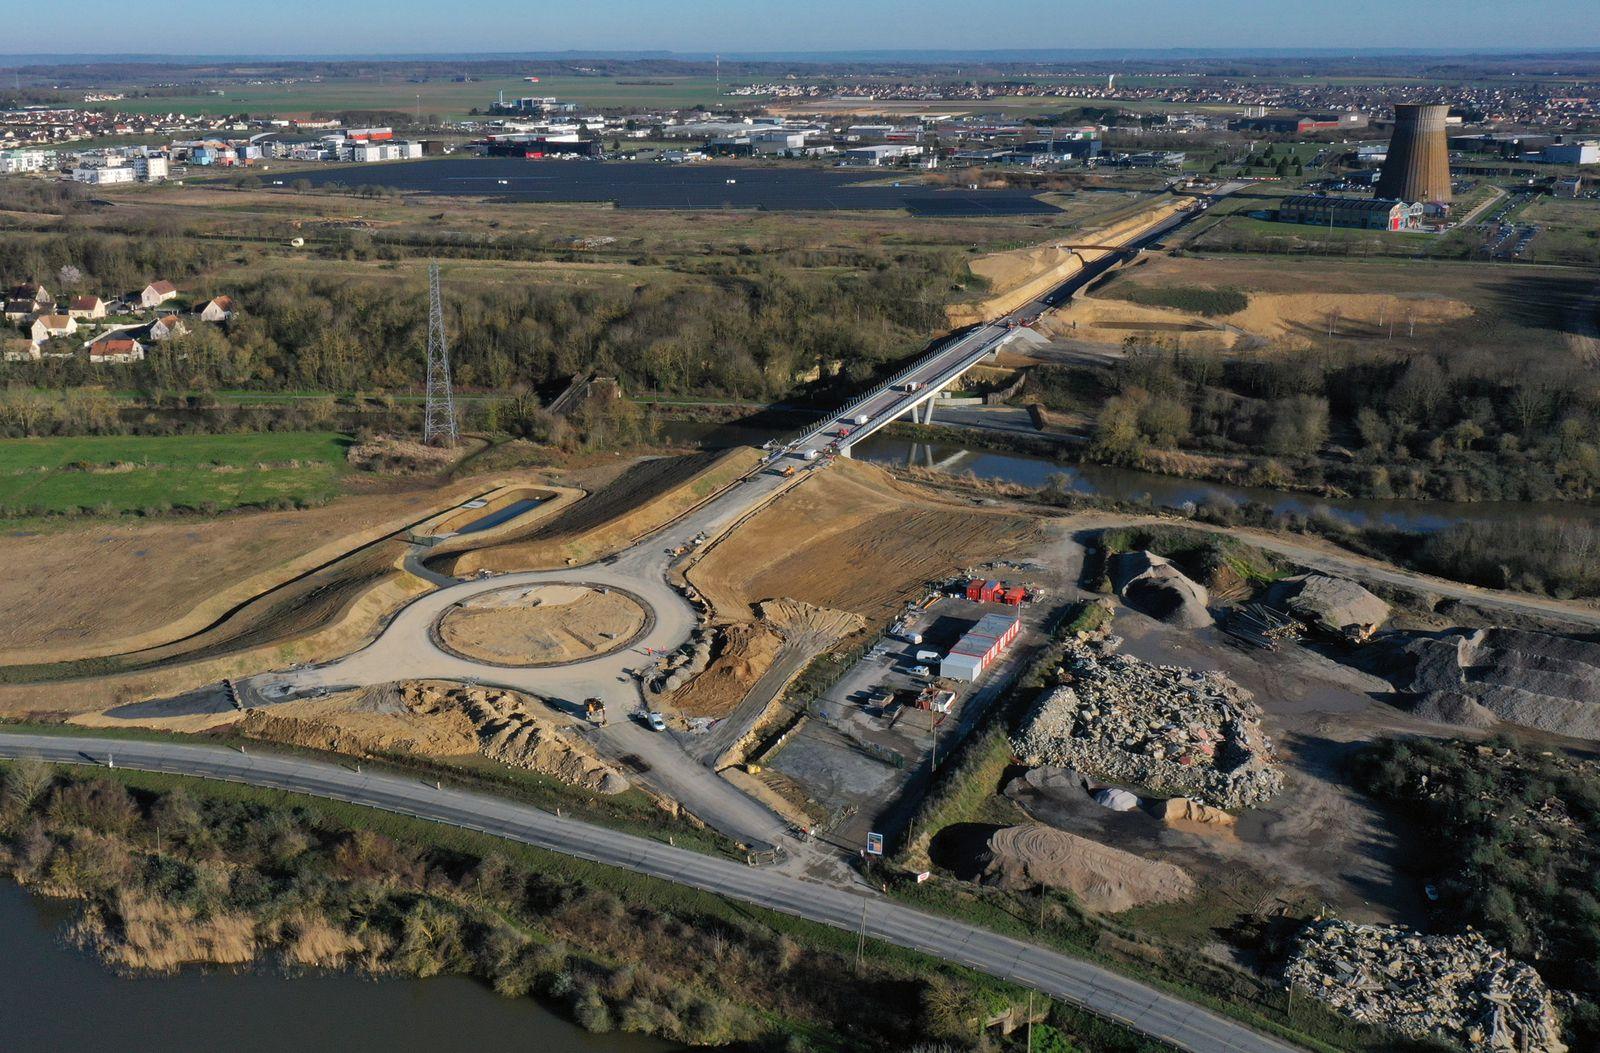 Le pont dit de la desserte portuaire enjambe l'Orne au niveau des communes de Hérouville-St-Clair et Colombelles. Photos aériennes François Monier, février 2020